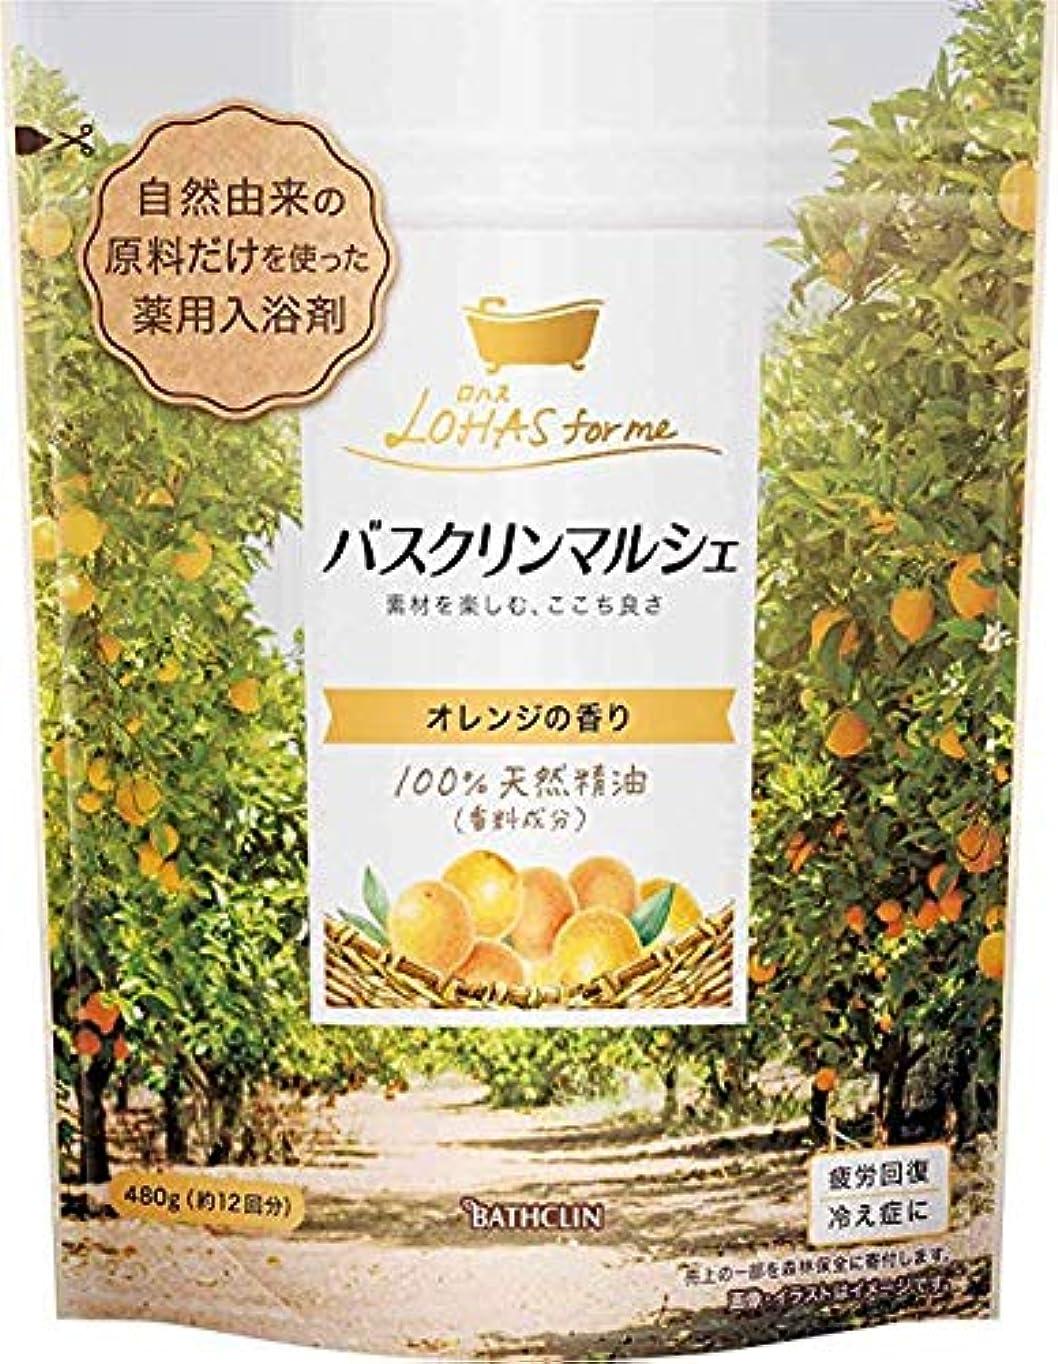 遠近法鬼ごっこにやにや【合成香料無添加/医薬部外品】バスクリンマルシェオレンジの香り480g入浴剤